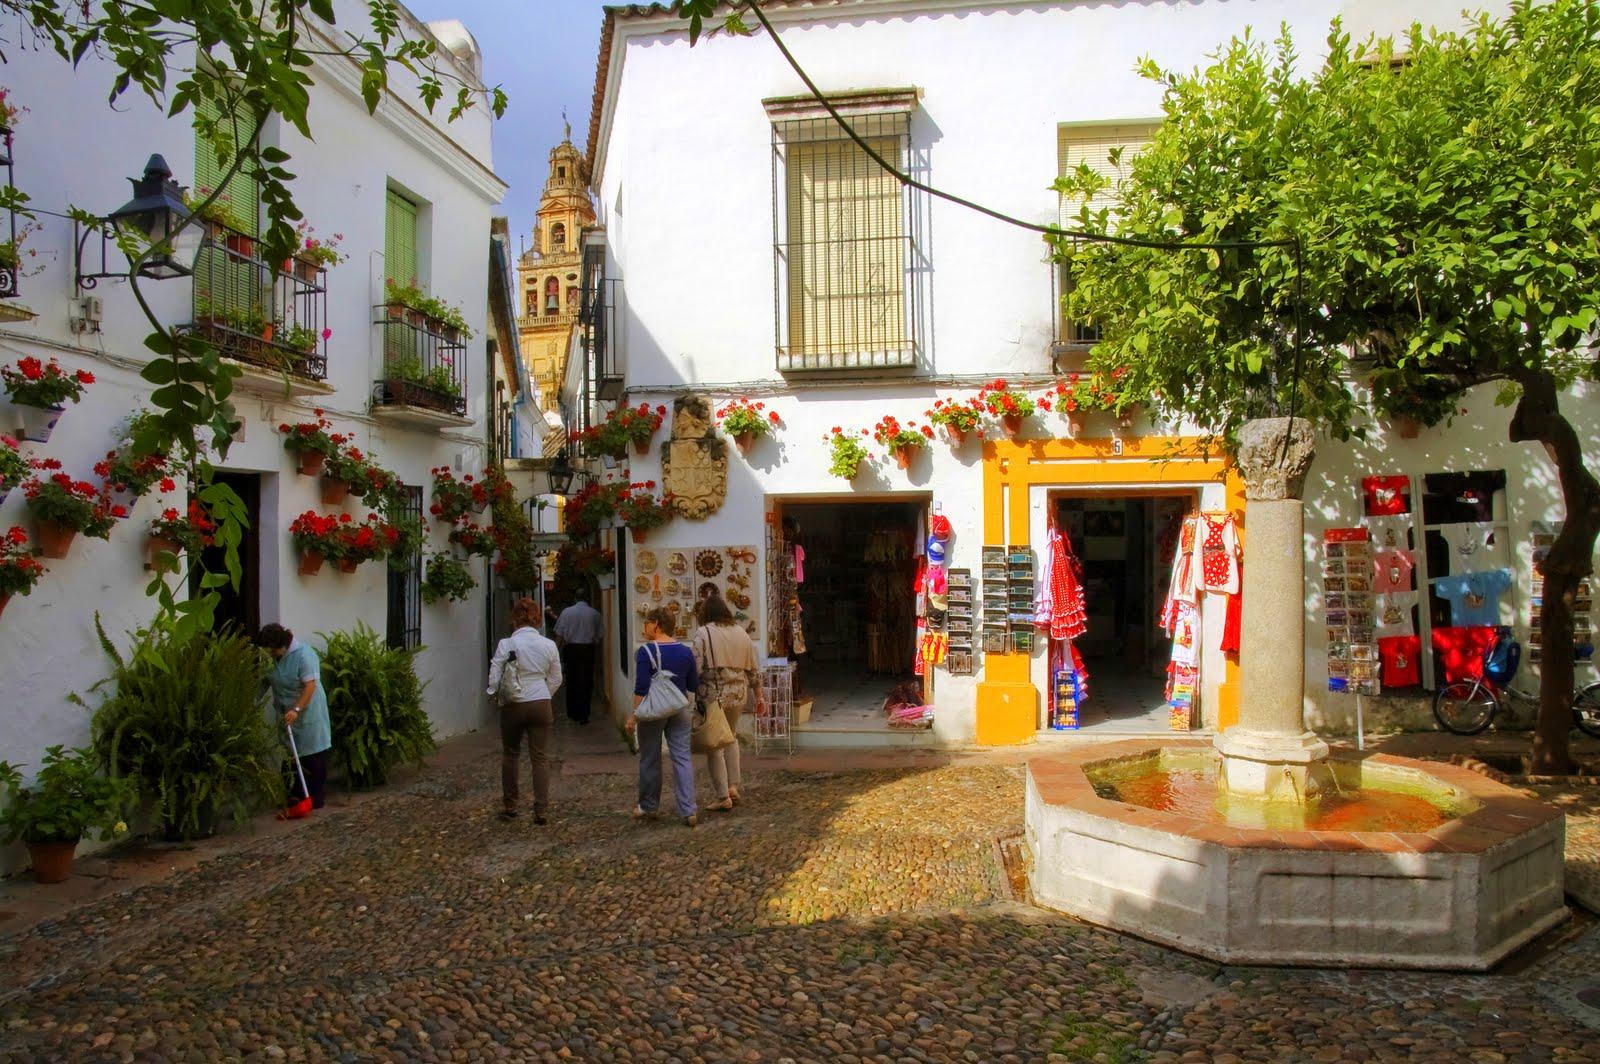 Las 10 calles más interesantes de España 2